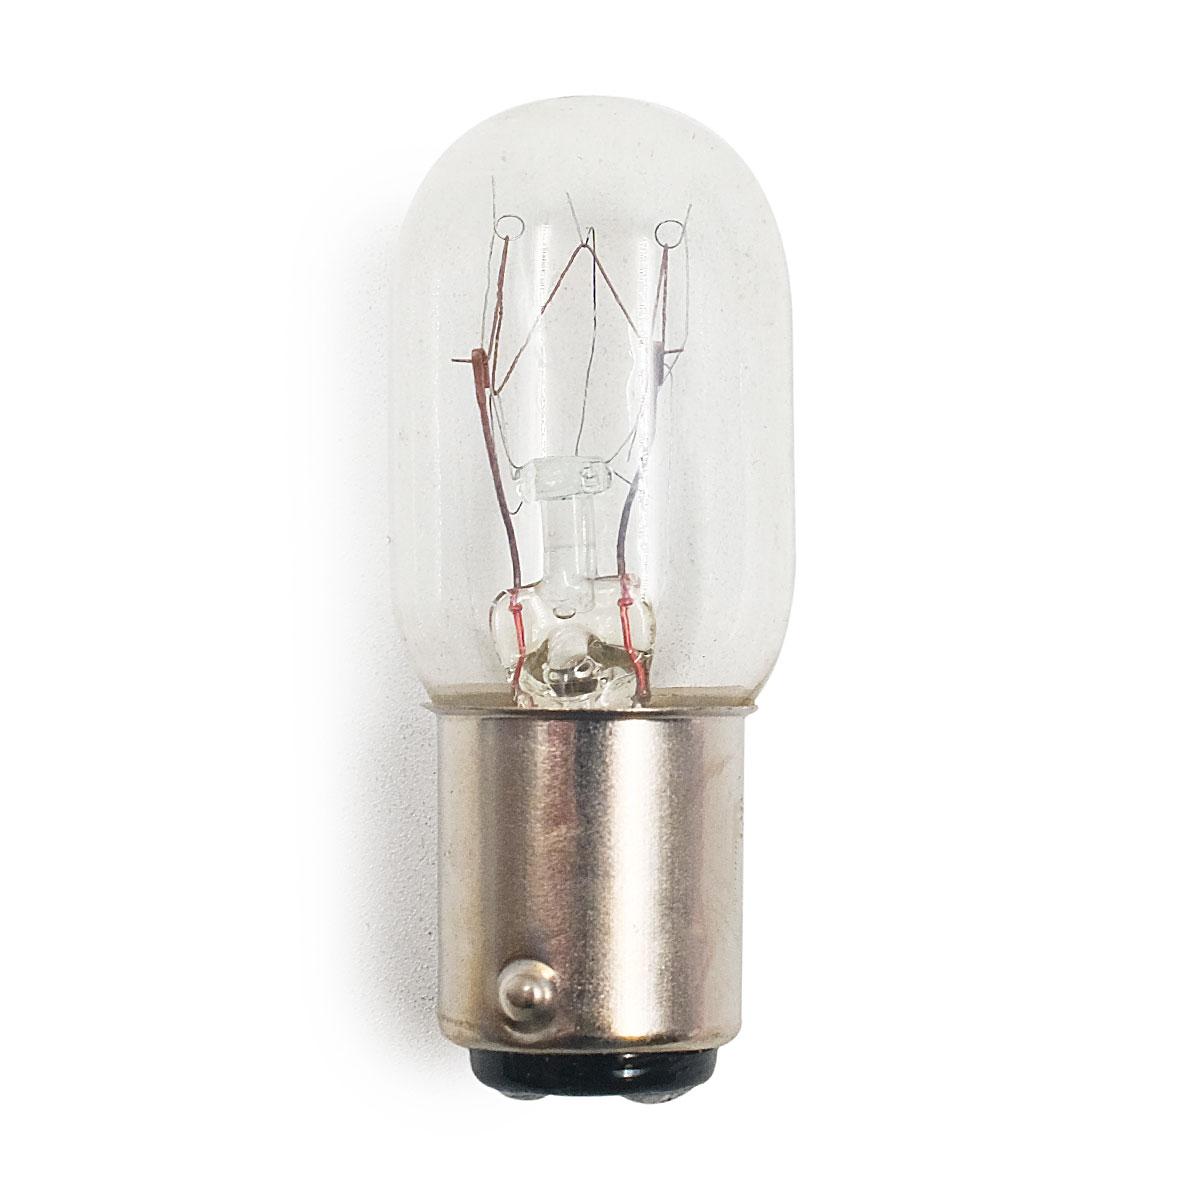 Лампочка для швейных машин Hobby&Pro вставляющаяся 250401